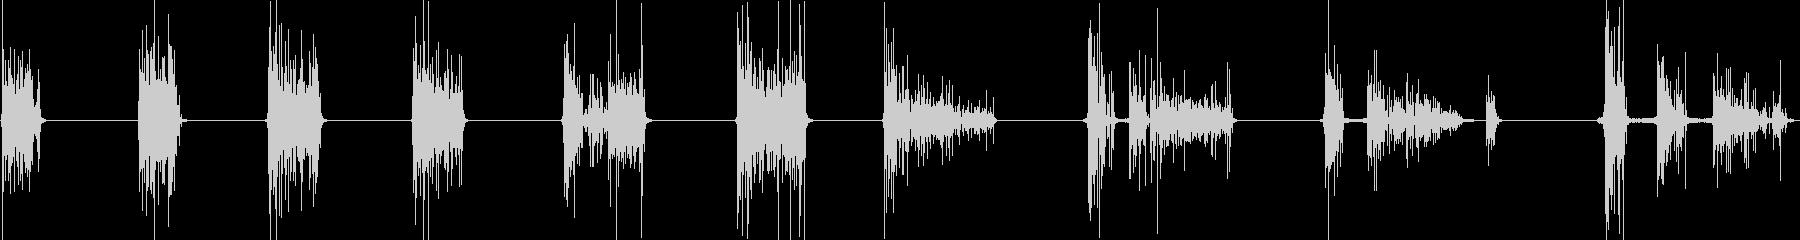 FARTBAG、BALLON、TO...の未再生の波形